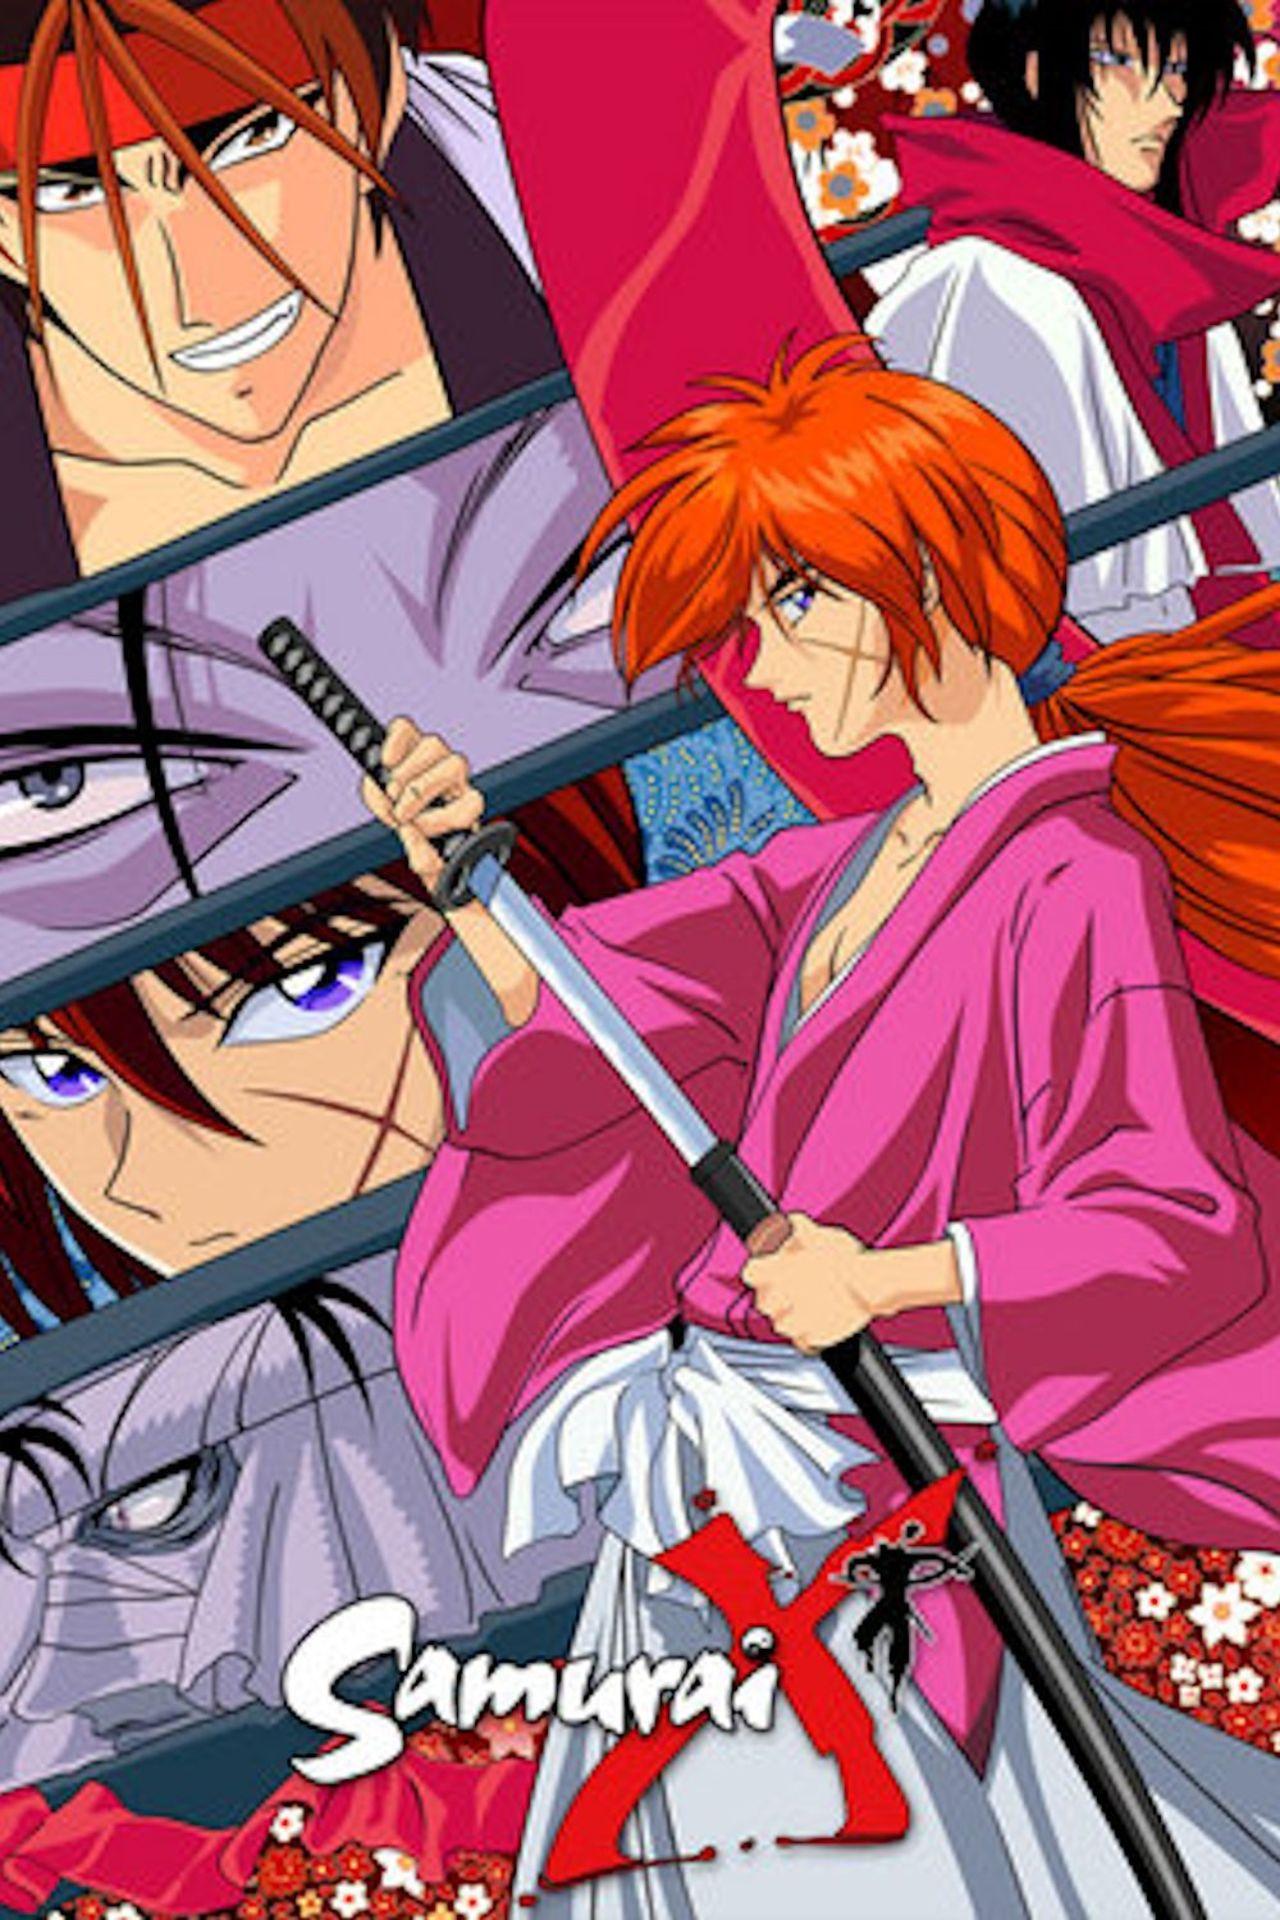 Rurouni Kenshin: Meiji Kenkaku Romantan kapak